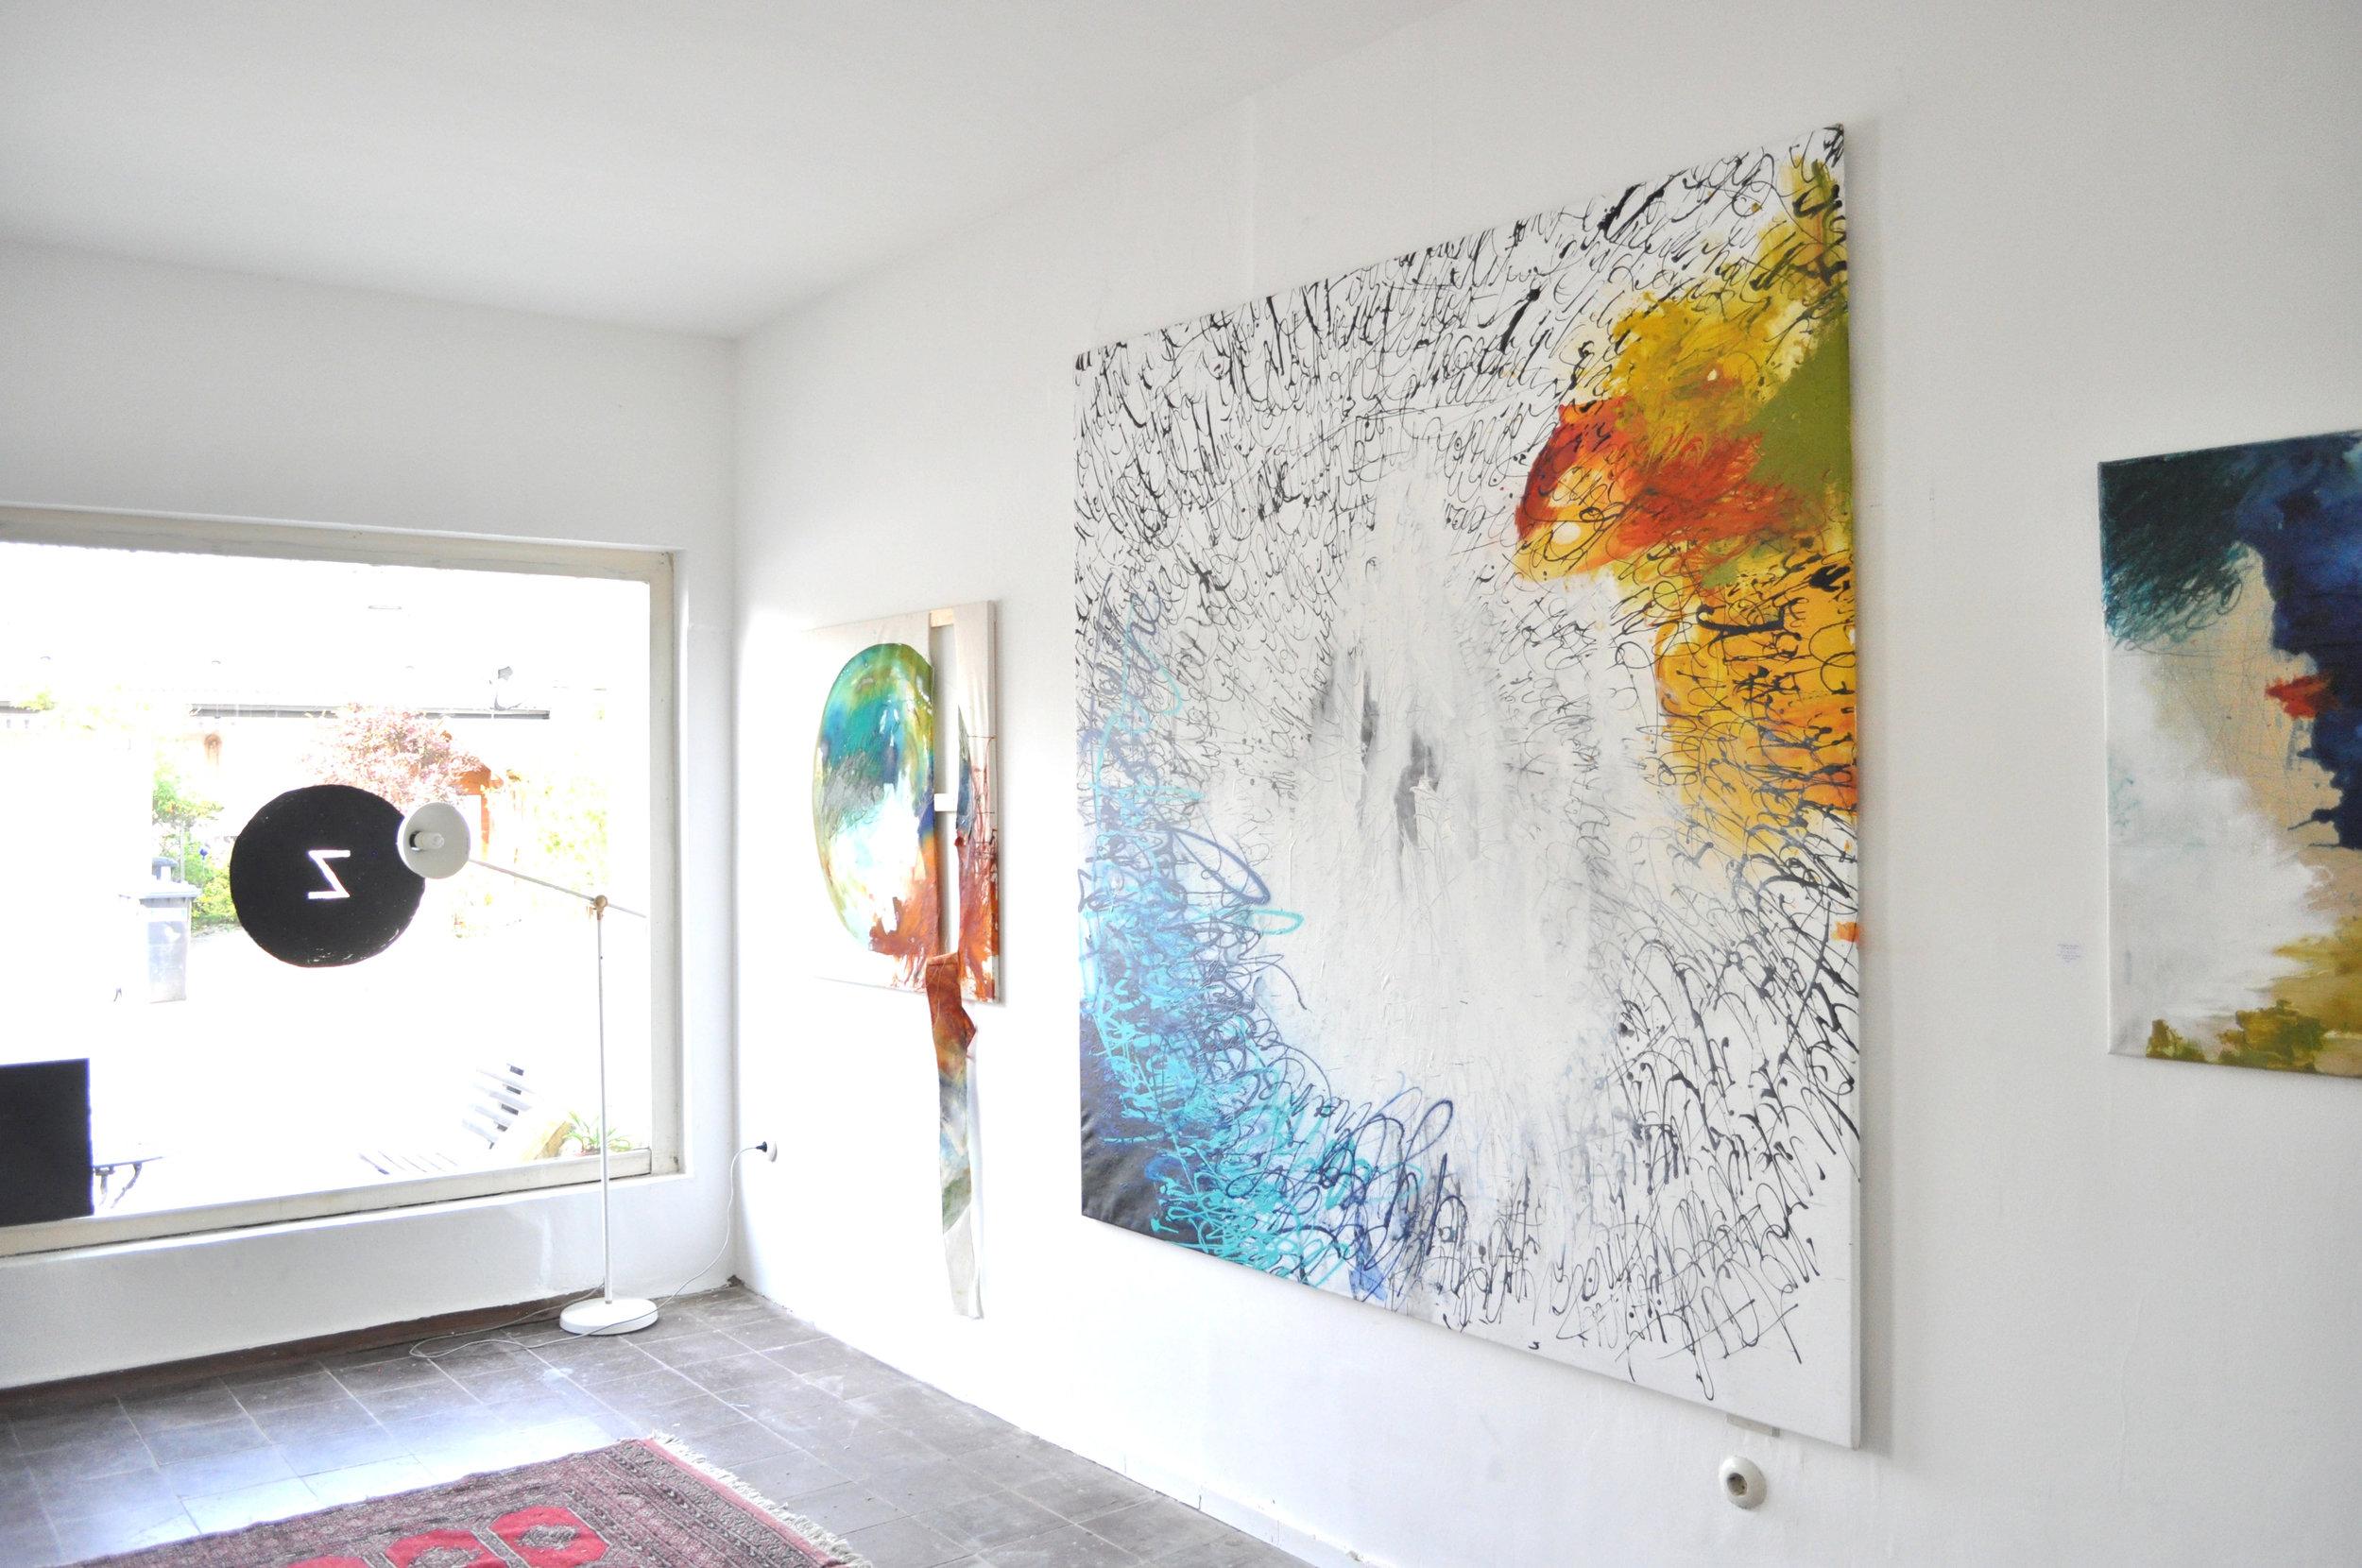 ZeitgenießischeGalerieHeidelberg_ArtGallery_Abstractexpressionsit_OliveGreenAnna10.jpg